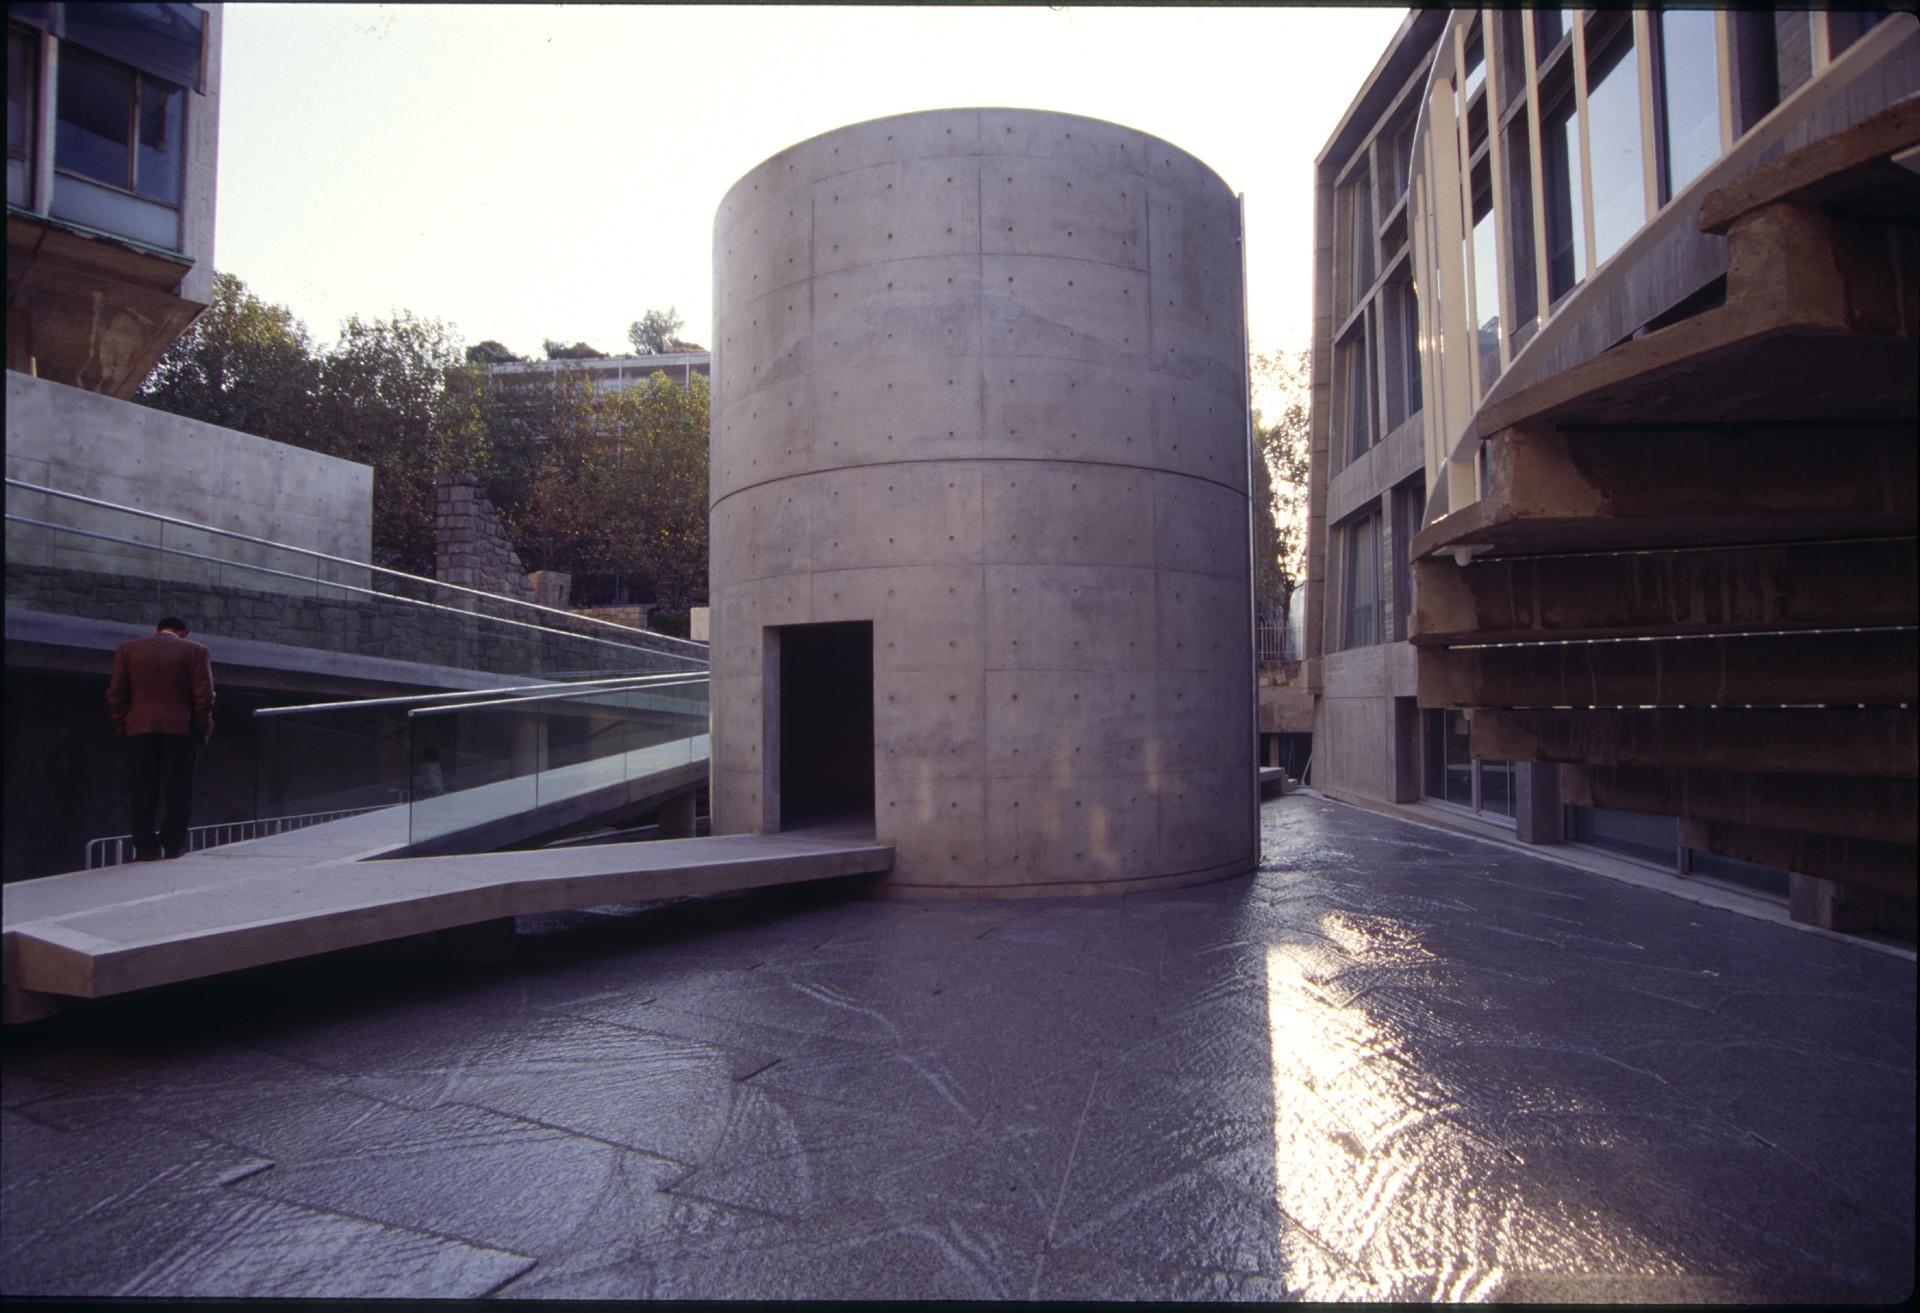 Vista desde el exterior del edificio. Cilindro de hormigón sabra un estanque